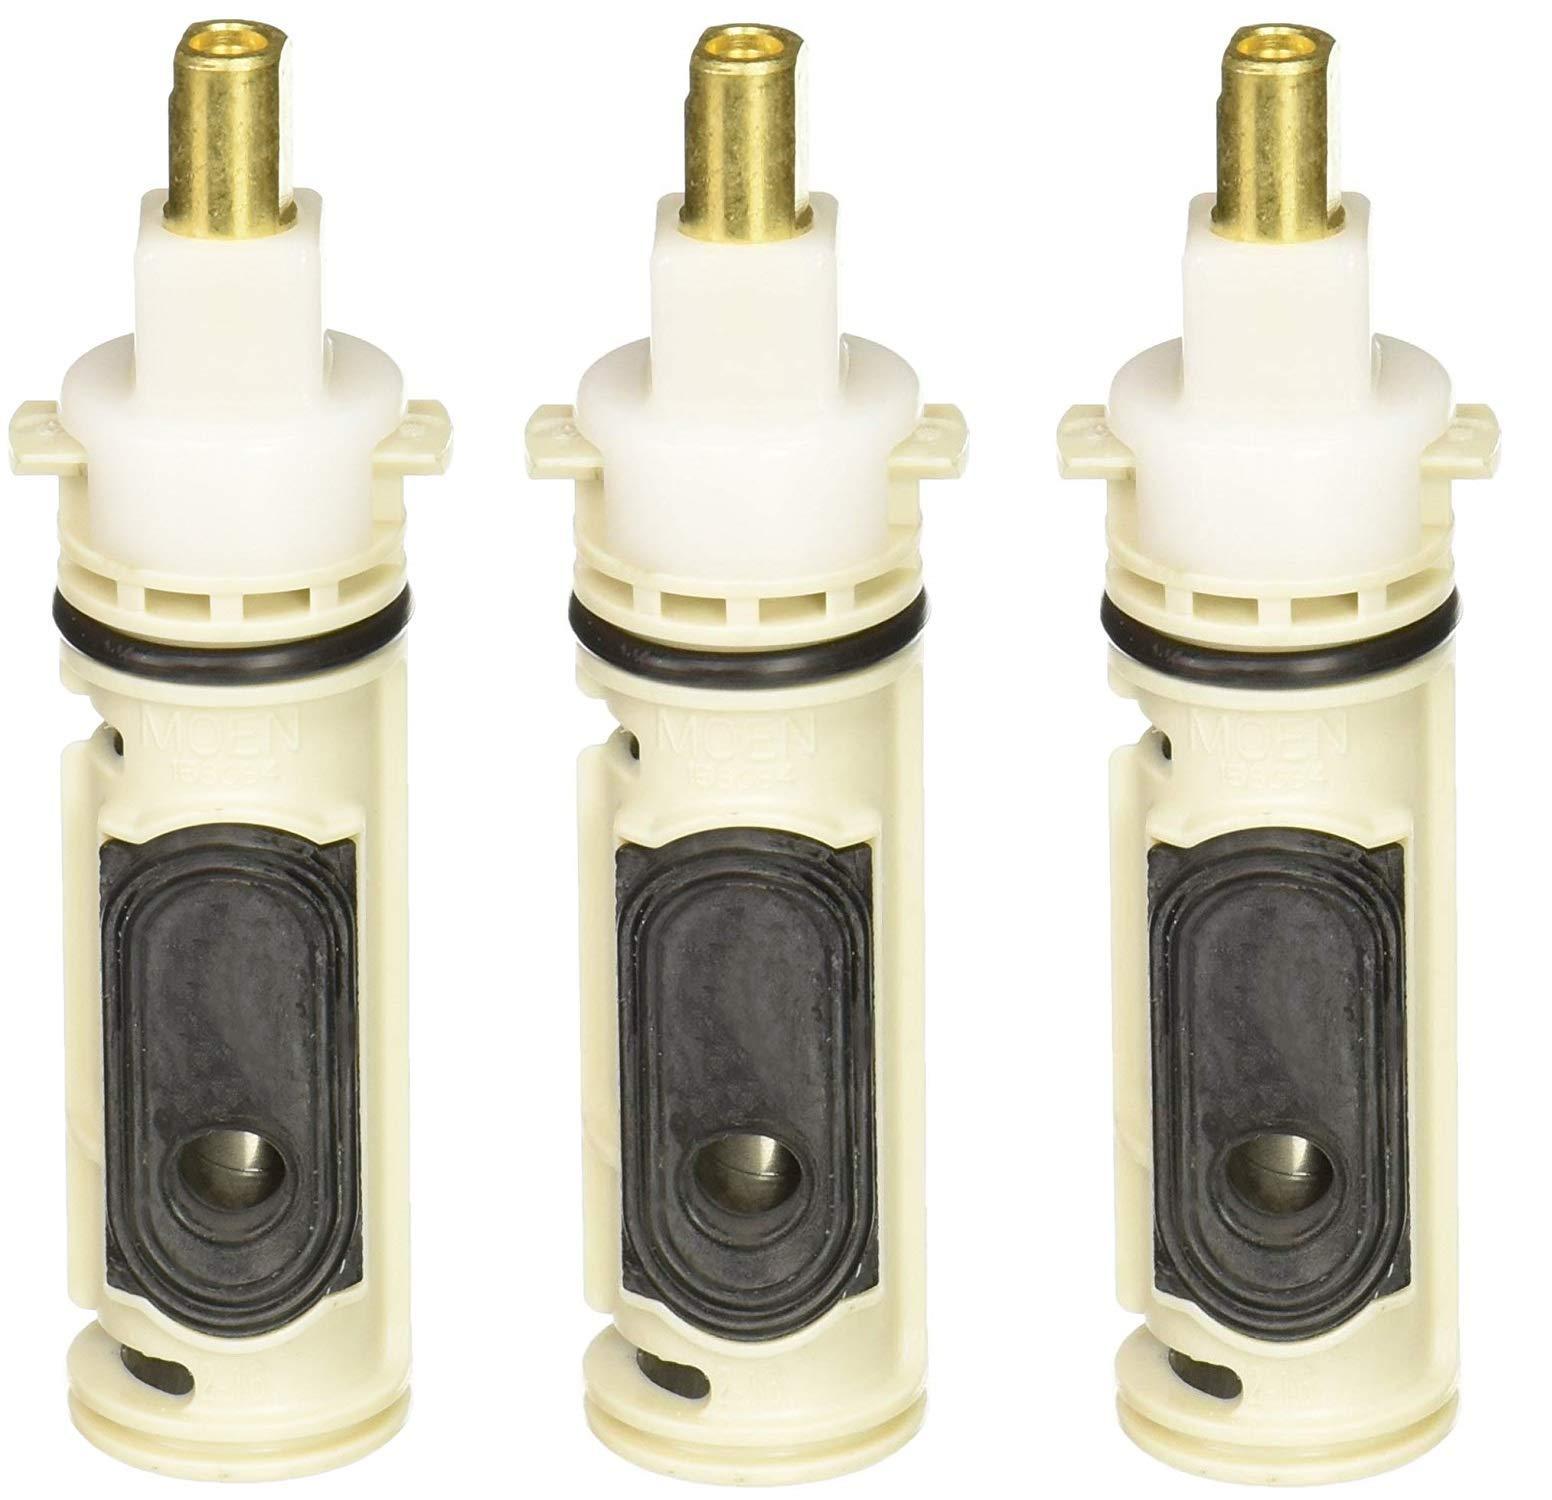 Moen 1222B Repair Part Single Handle Posi-Temp Replacement Cartridge (Pack of 3)